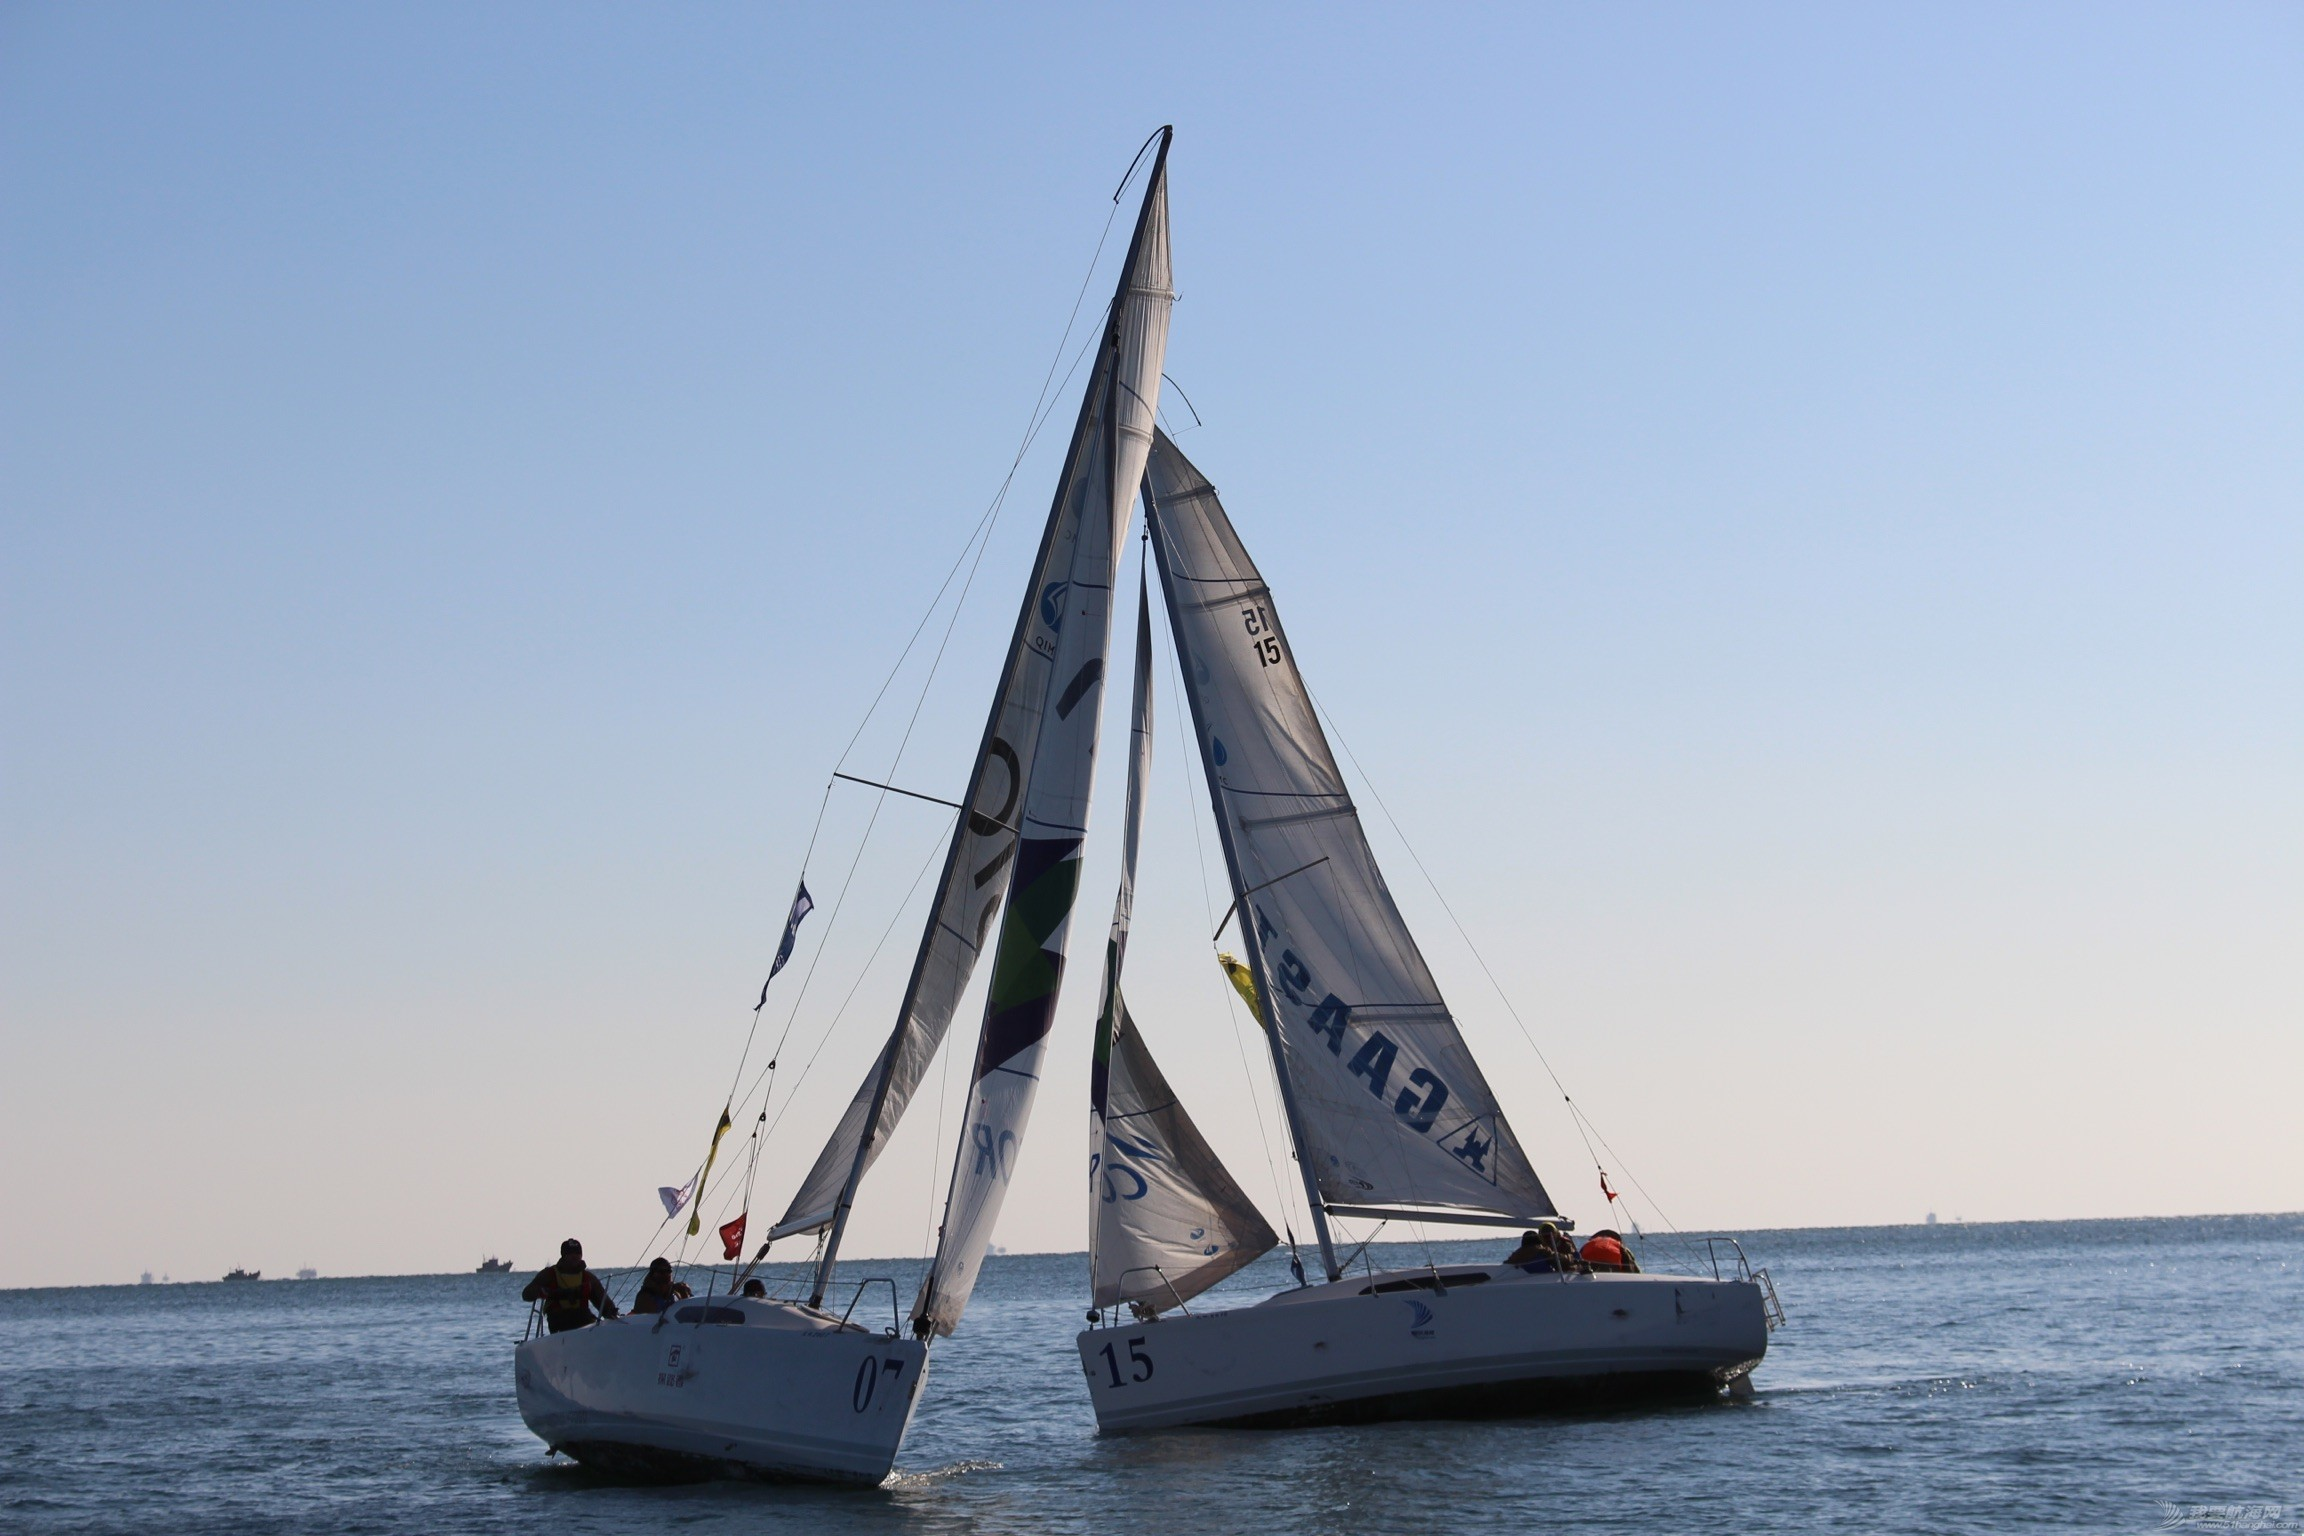 我要航海网帆船队招募参加第六届【CCOR】城市俱乐部国际帆船赛-队员 IMG_6097.JPG